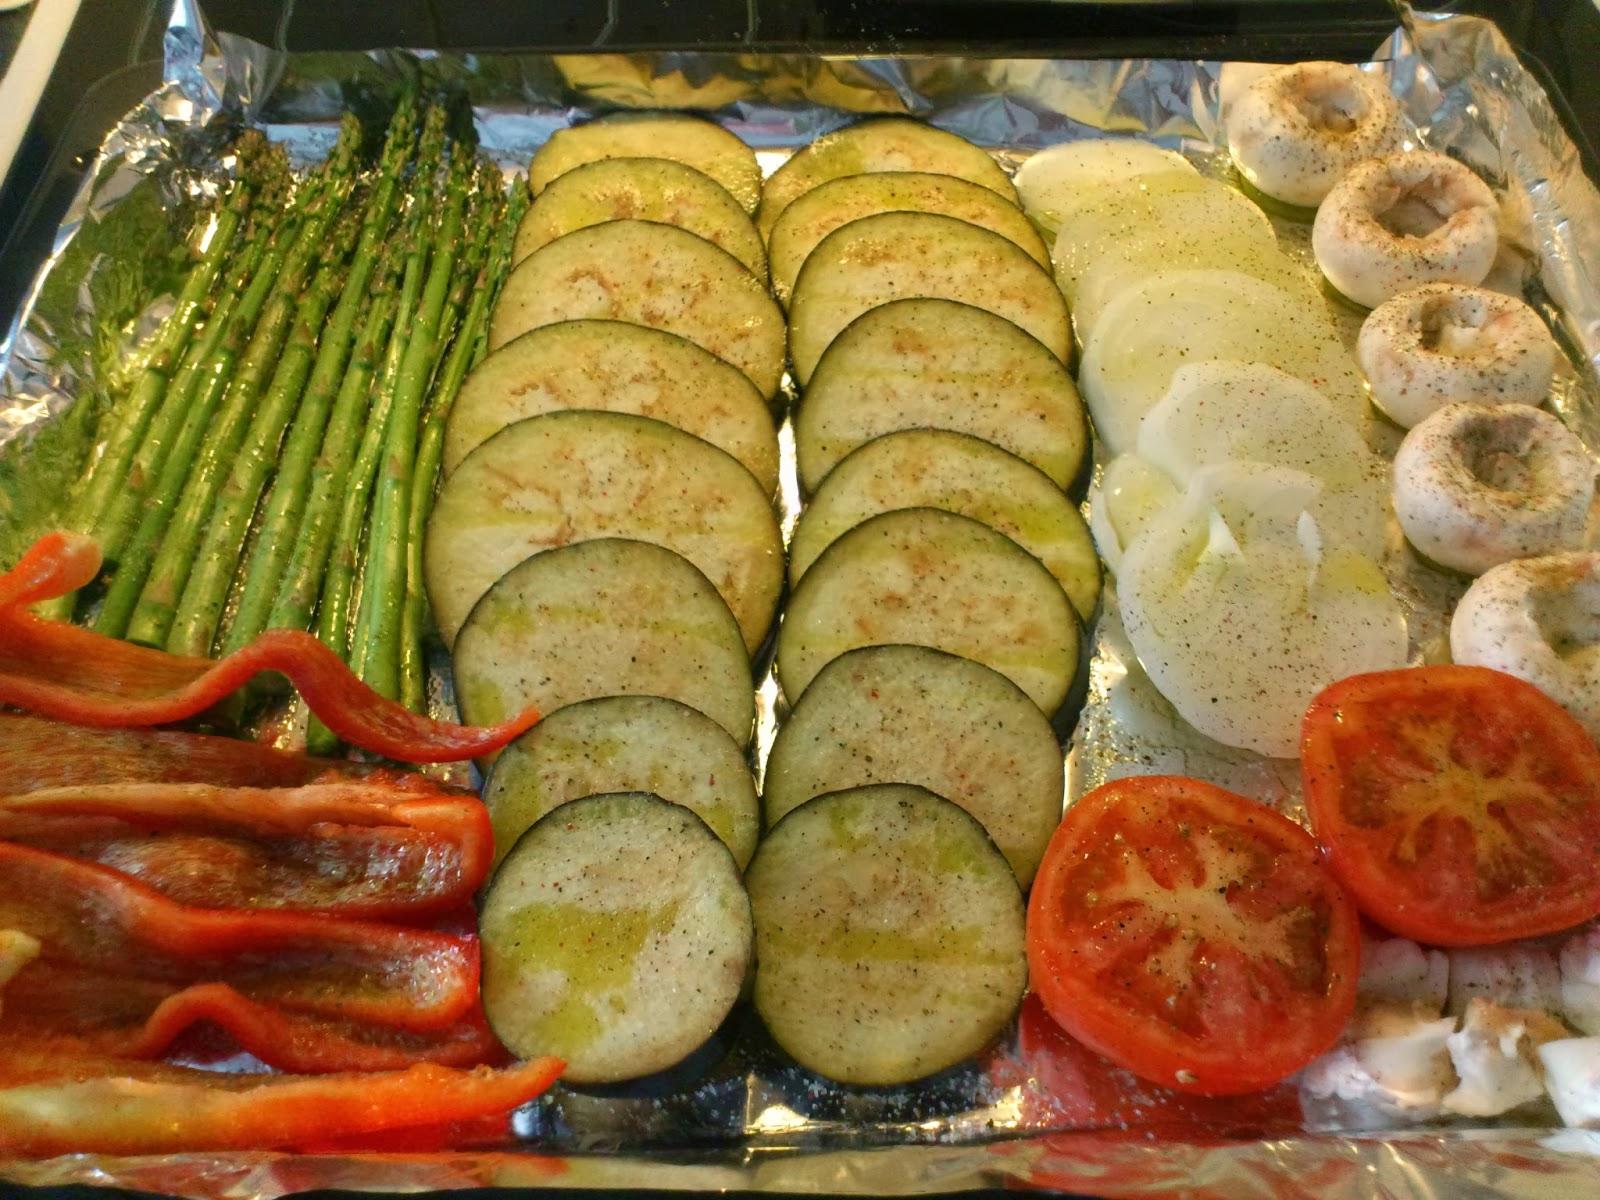 La tentaci n vive arriba parrillada de verduras al horno - Salsa para verduras al horno ...